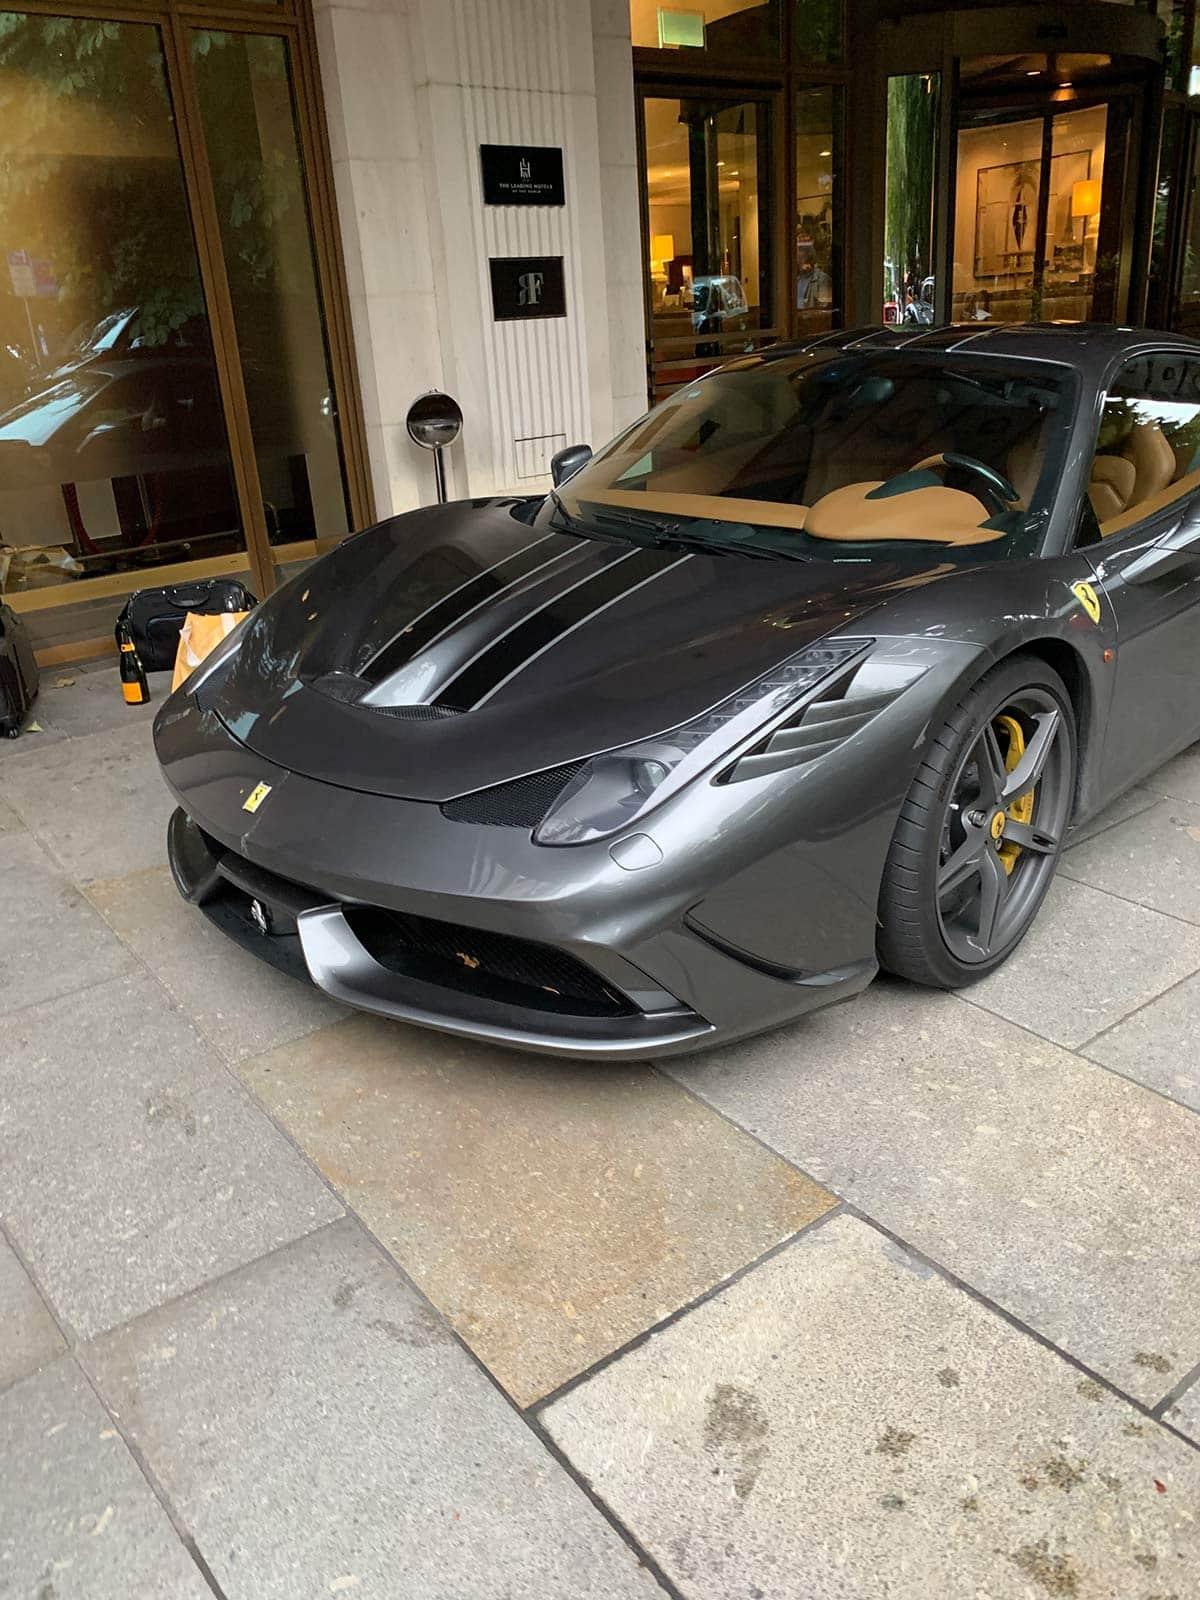 Ferrari 458 Speciale at The Charles Hotel in Munich